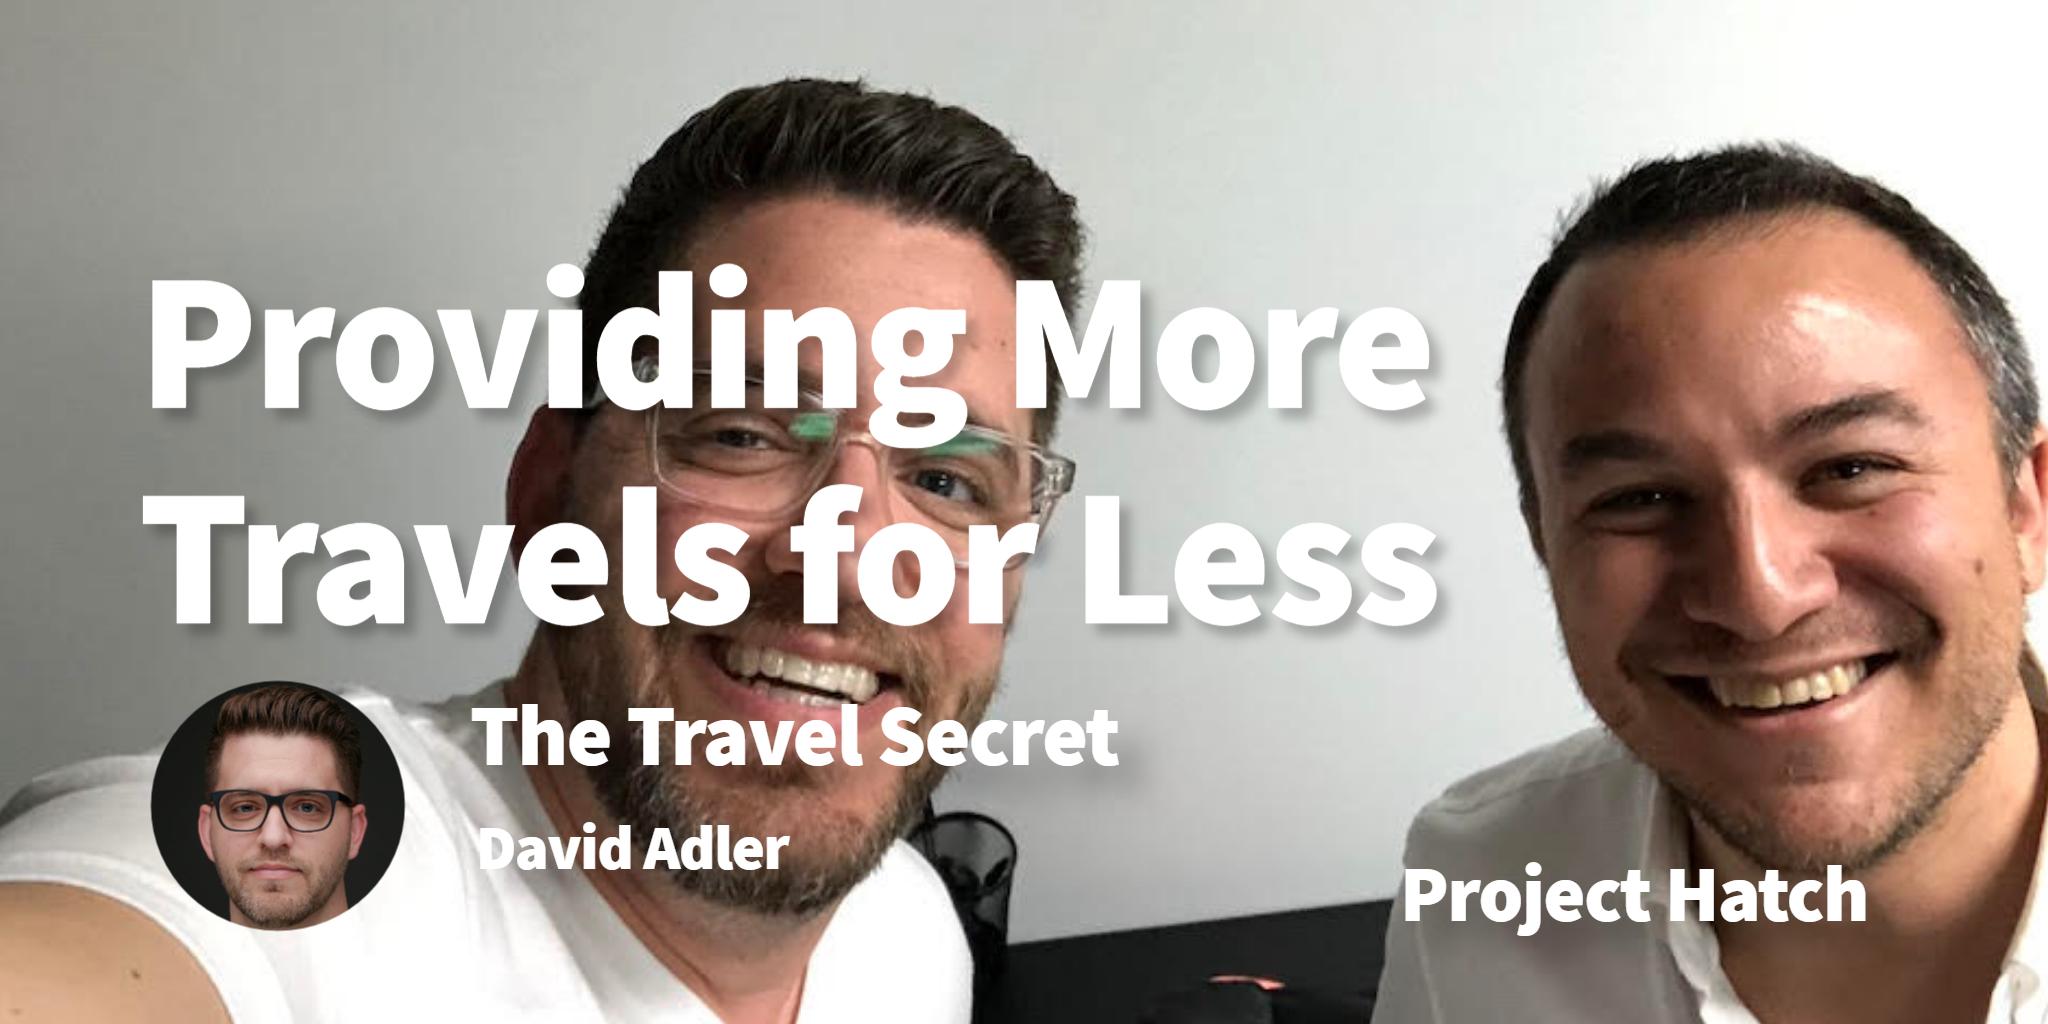 The Travel Secret David Adler